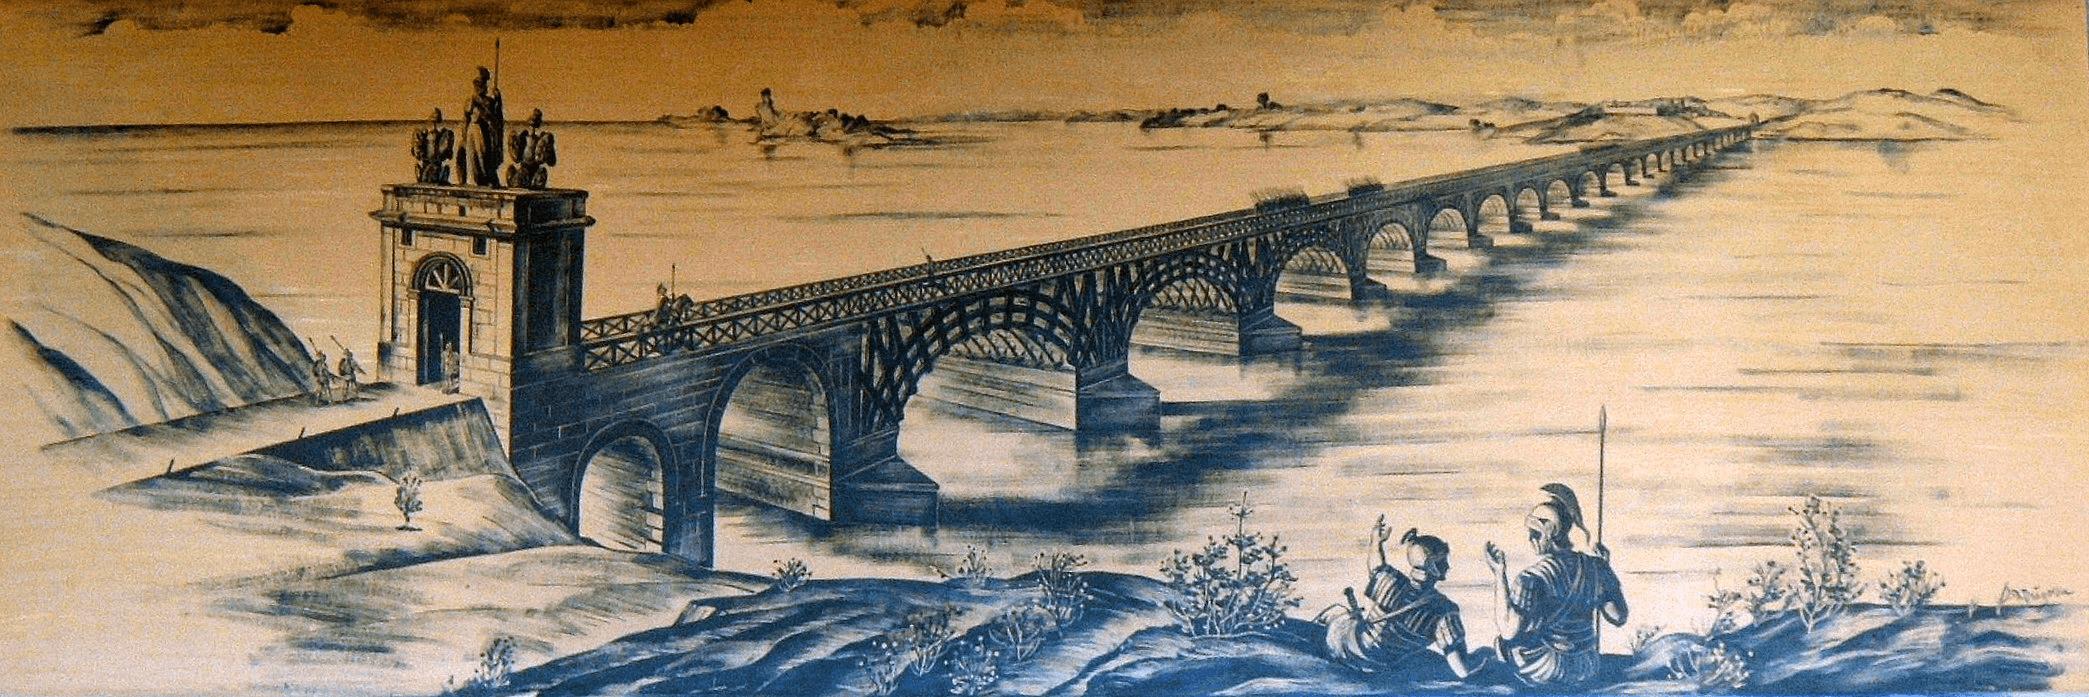 Puente construido por Apolodoro de Damasco sobre el Danubio entre Kladovo (Servia) y Drobeta (Rumania)